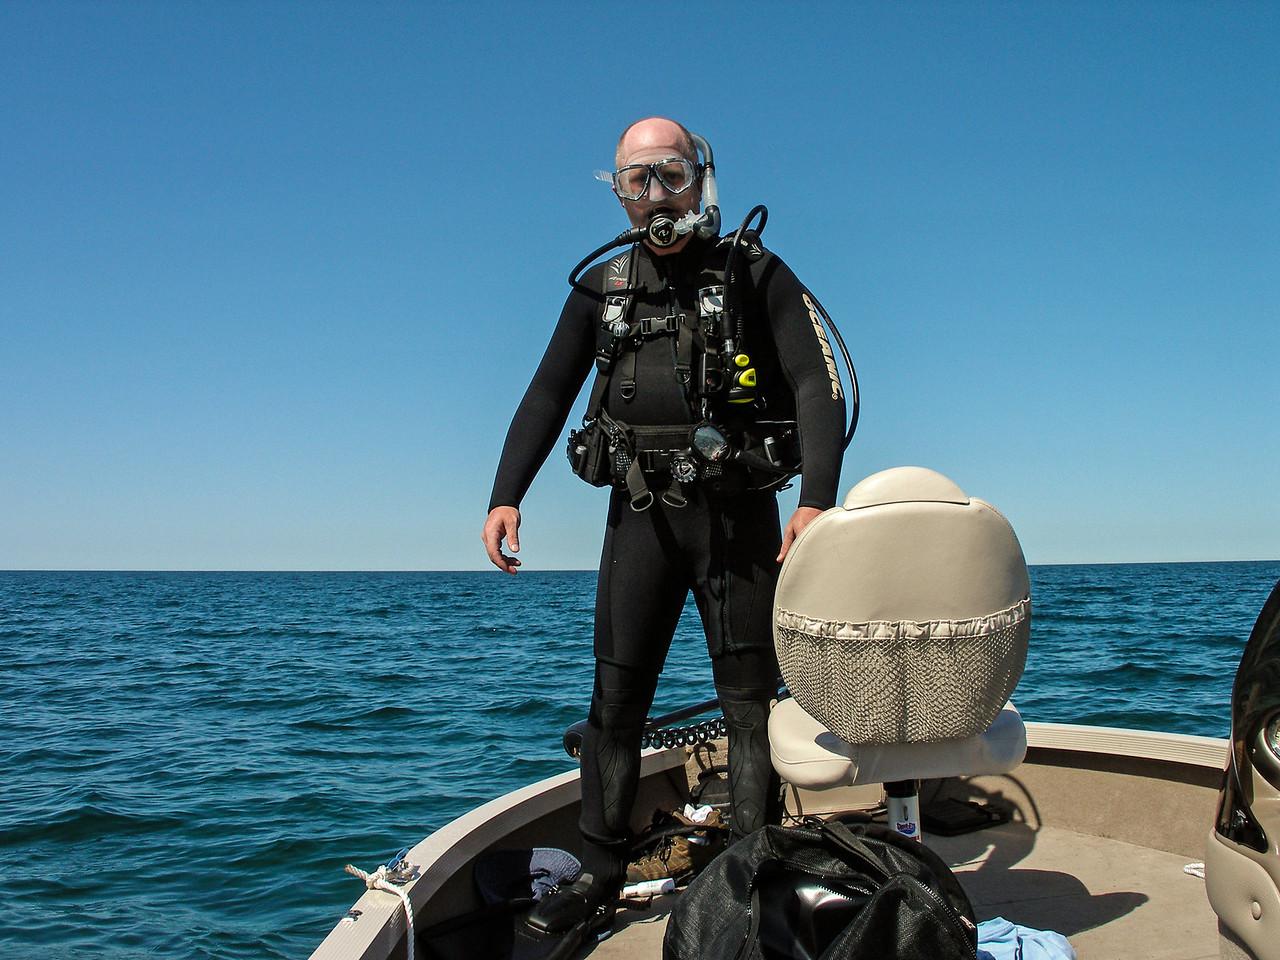 Shot taken right before diving into a rude awakening...44 degree water!  Lake Huron - May 2007